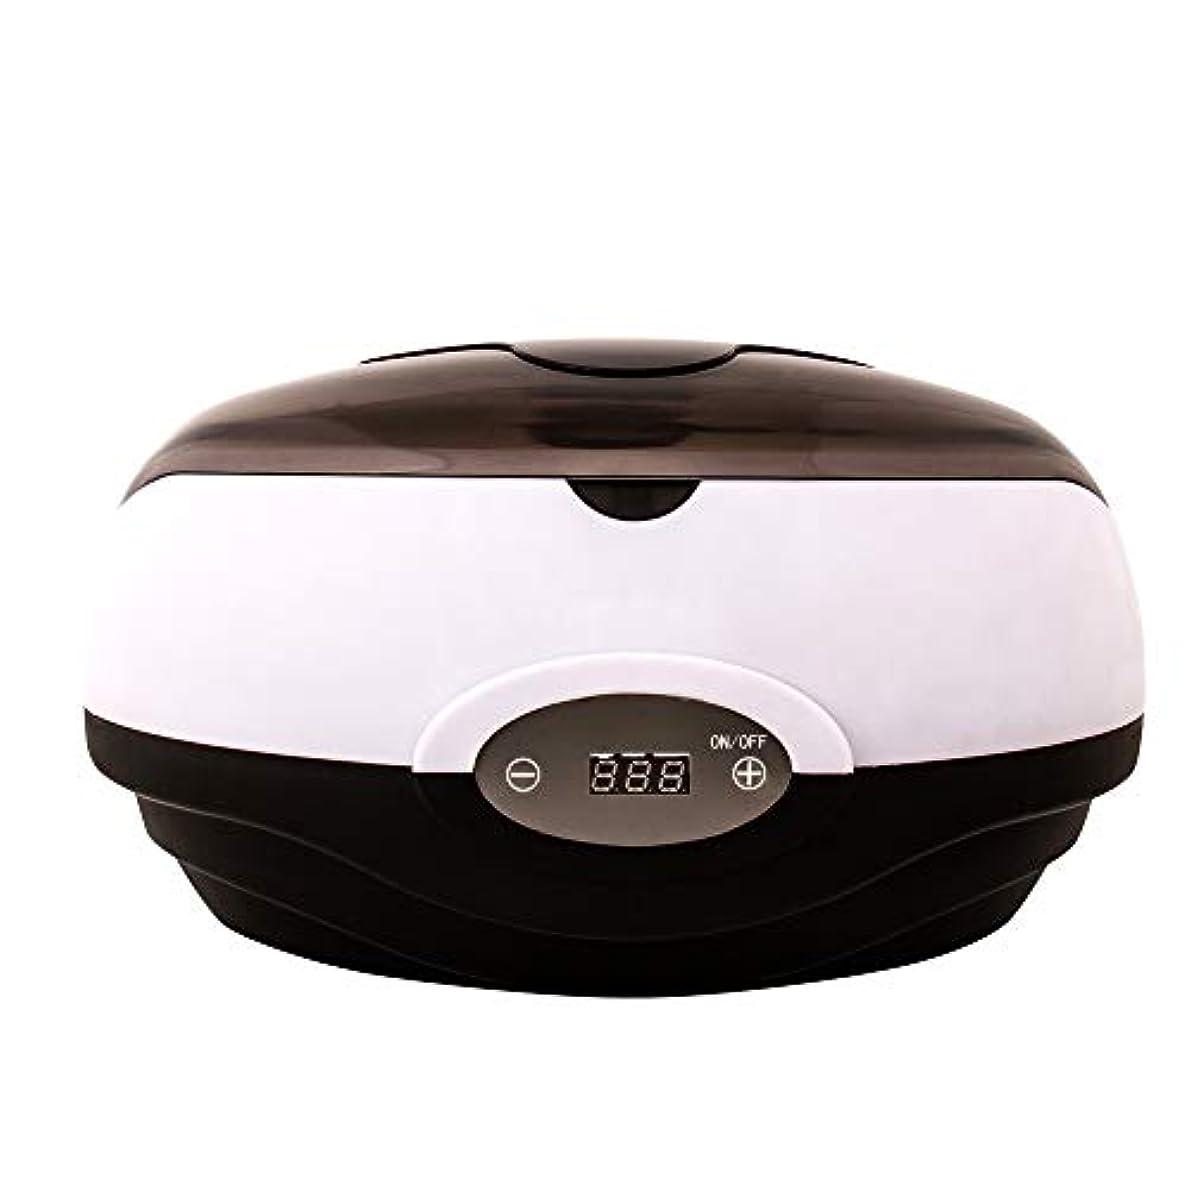 表現高度手首ワックスヒーター電子温度制御パラフィンスキンケア手ワックスマシンバスタブワックス鍋ワックス美容院機器用ホームとサロン